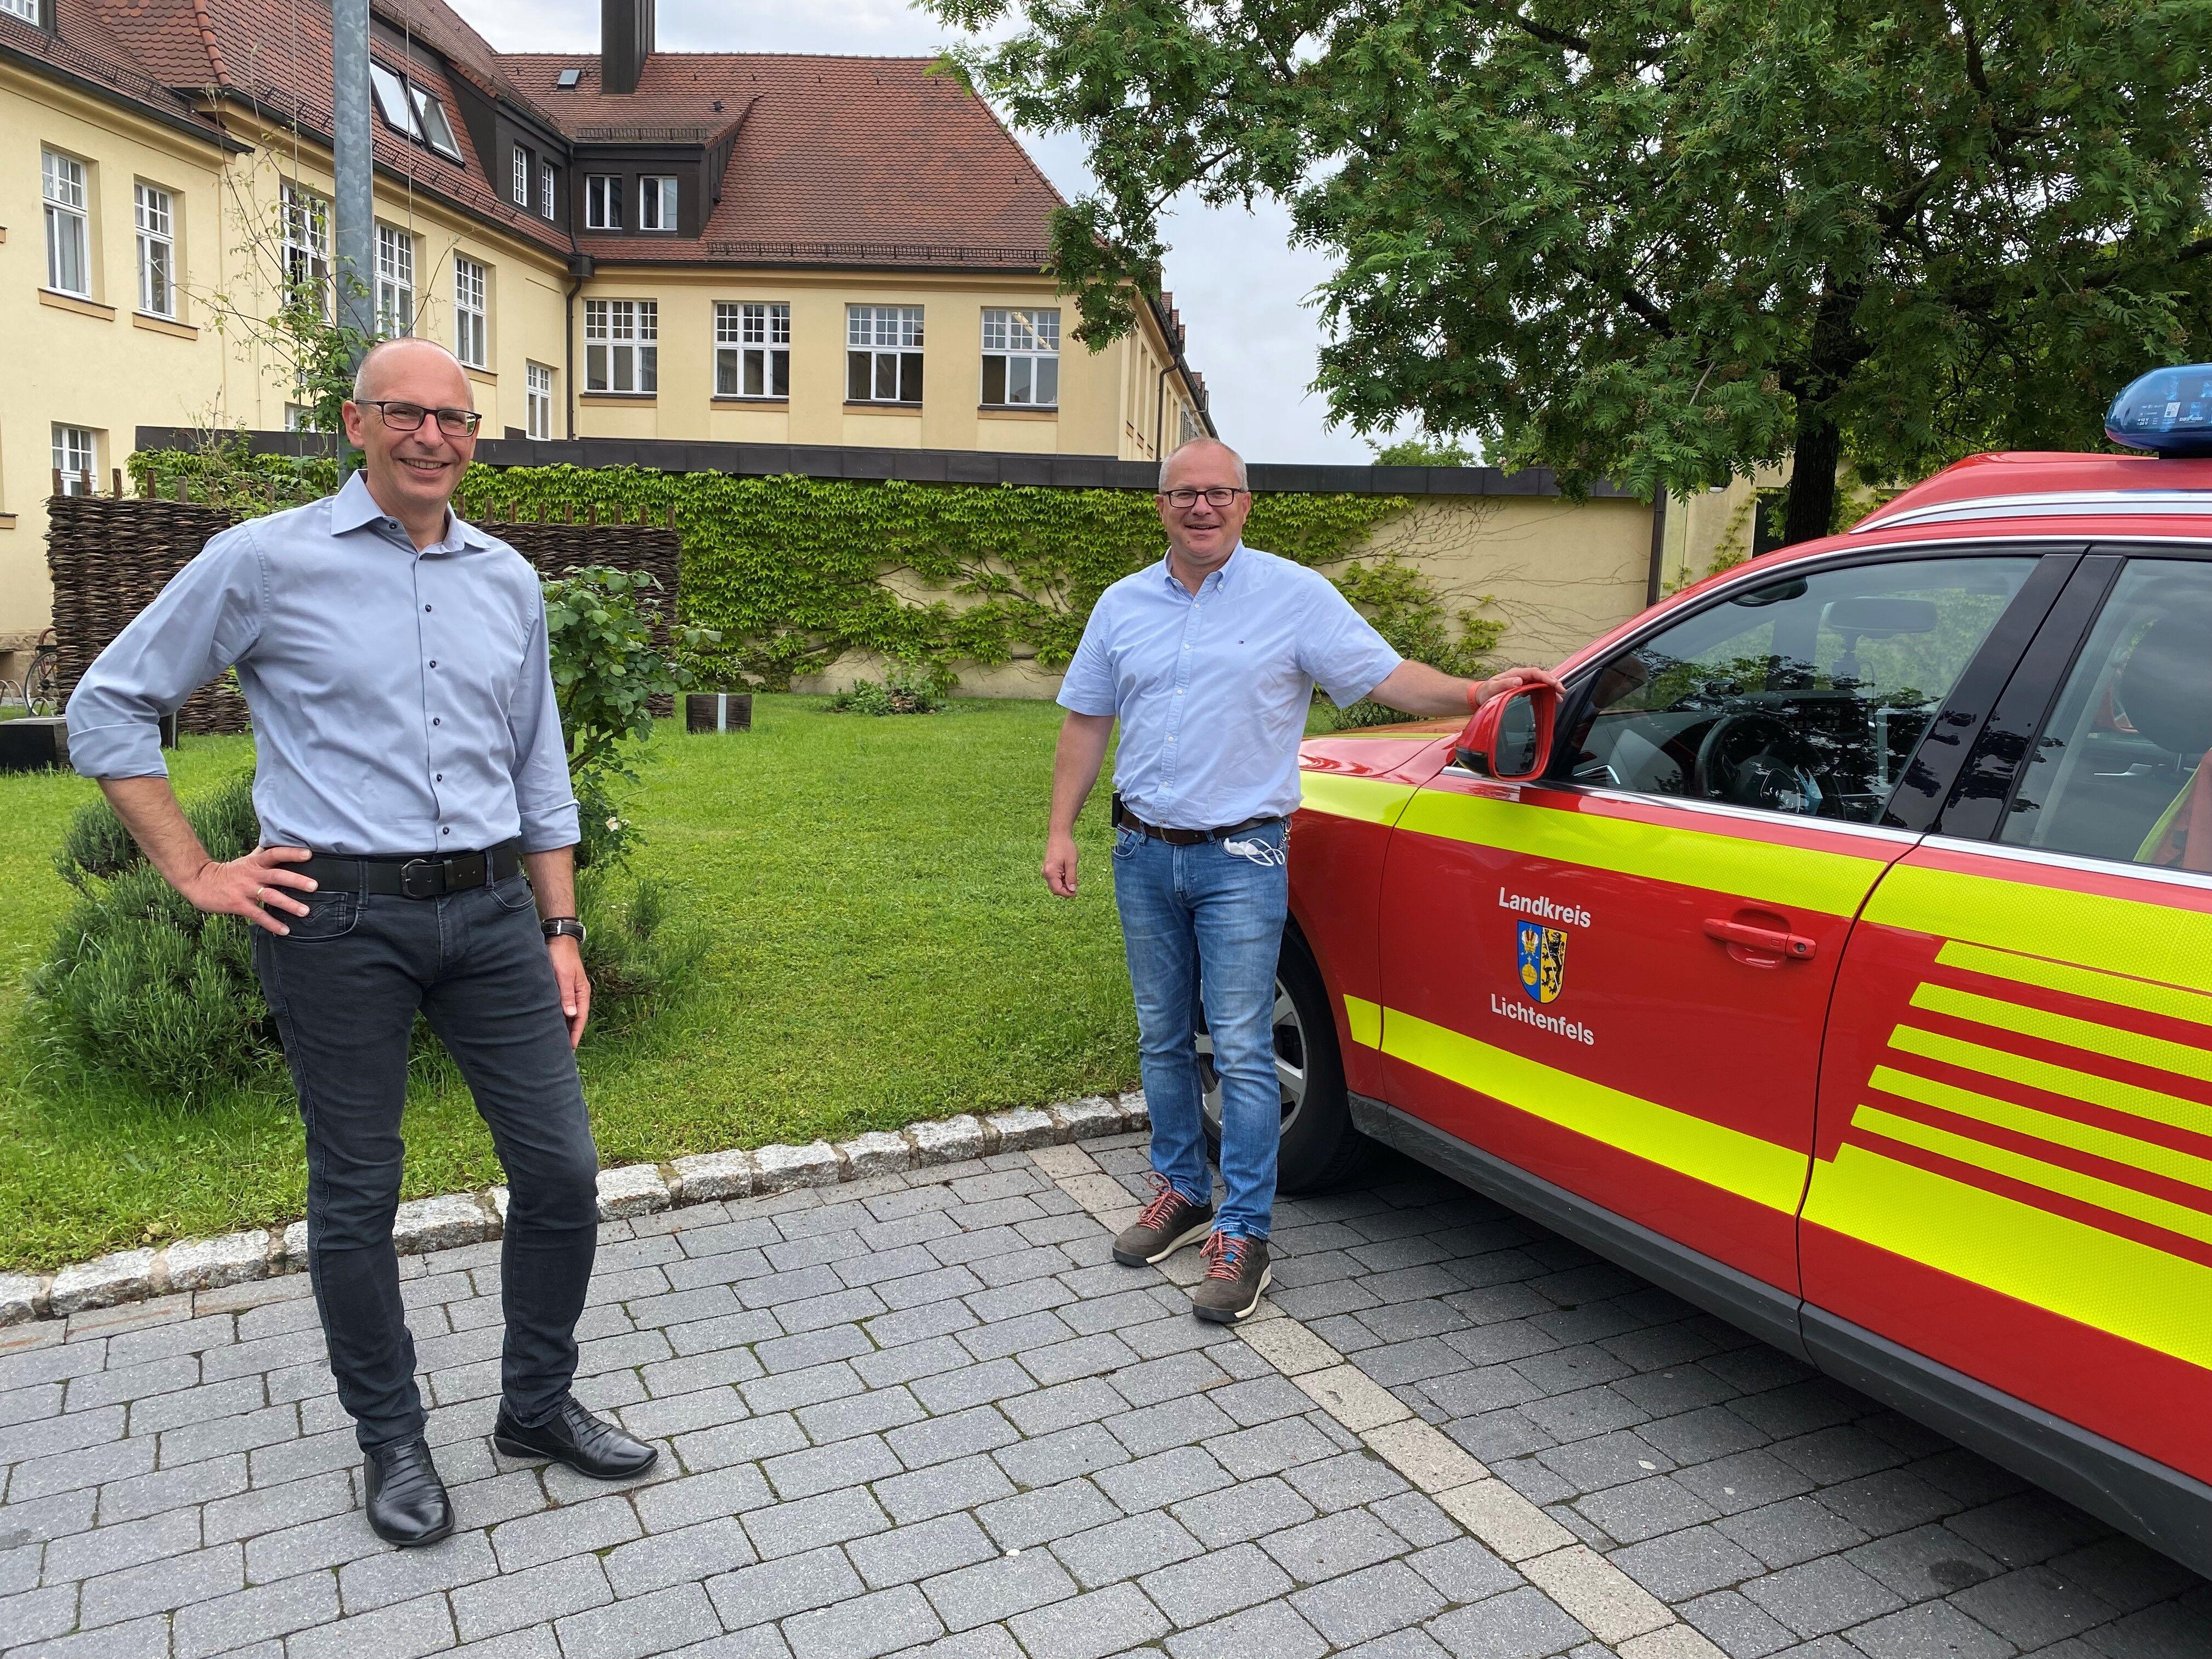 Landrat Christian Meißner (im Bild mit Kreisbrandrat Timm Vogler) dankte den Einsatzkräften für die schnelle und engagierte Hilfe. Foto: Landratsamt L